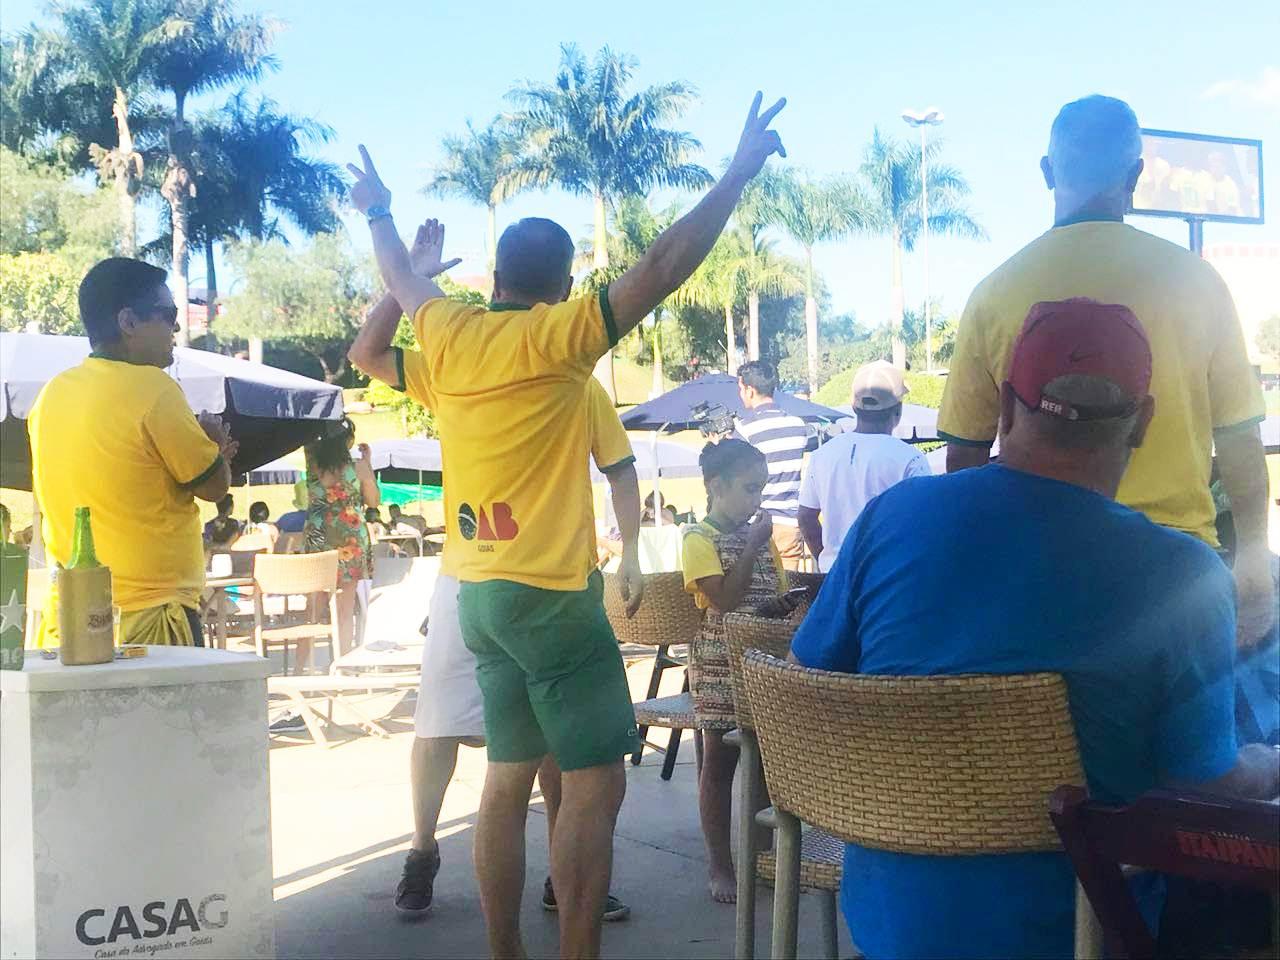 Clube CEL da OAB terá cerveja pela metade do preço durante jogo do Brasil | Foto: Divulgação